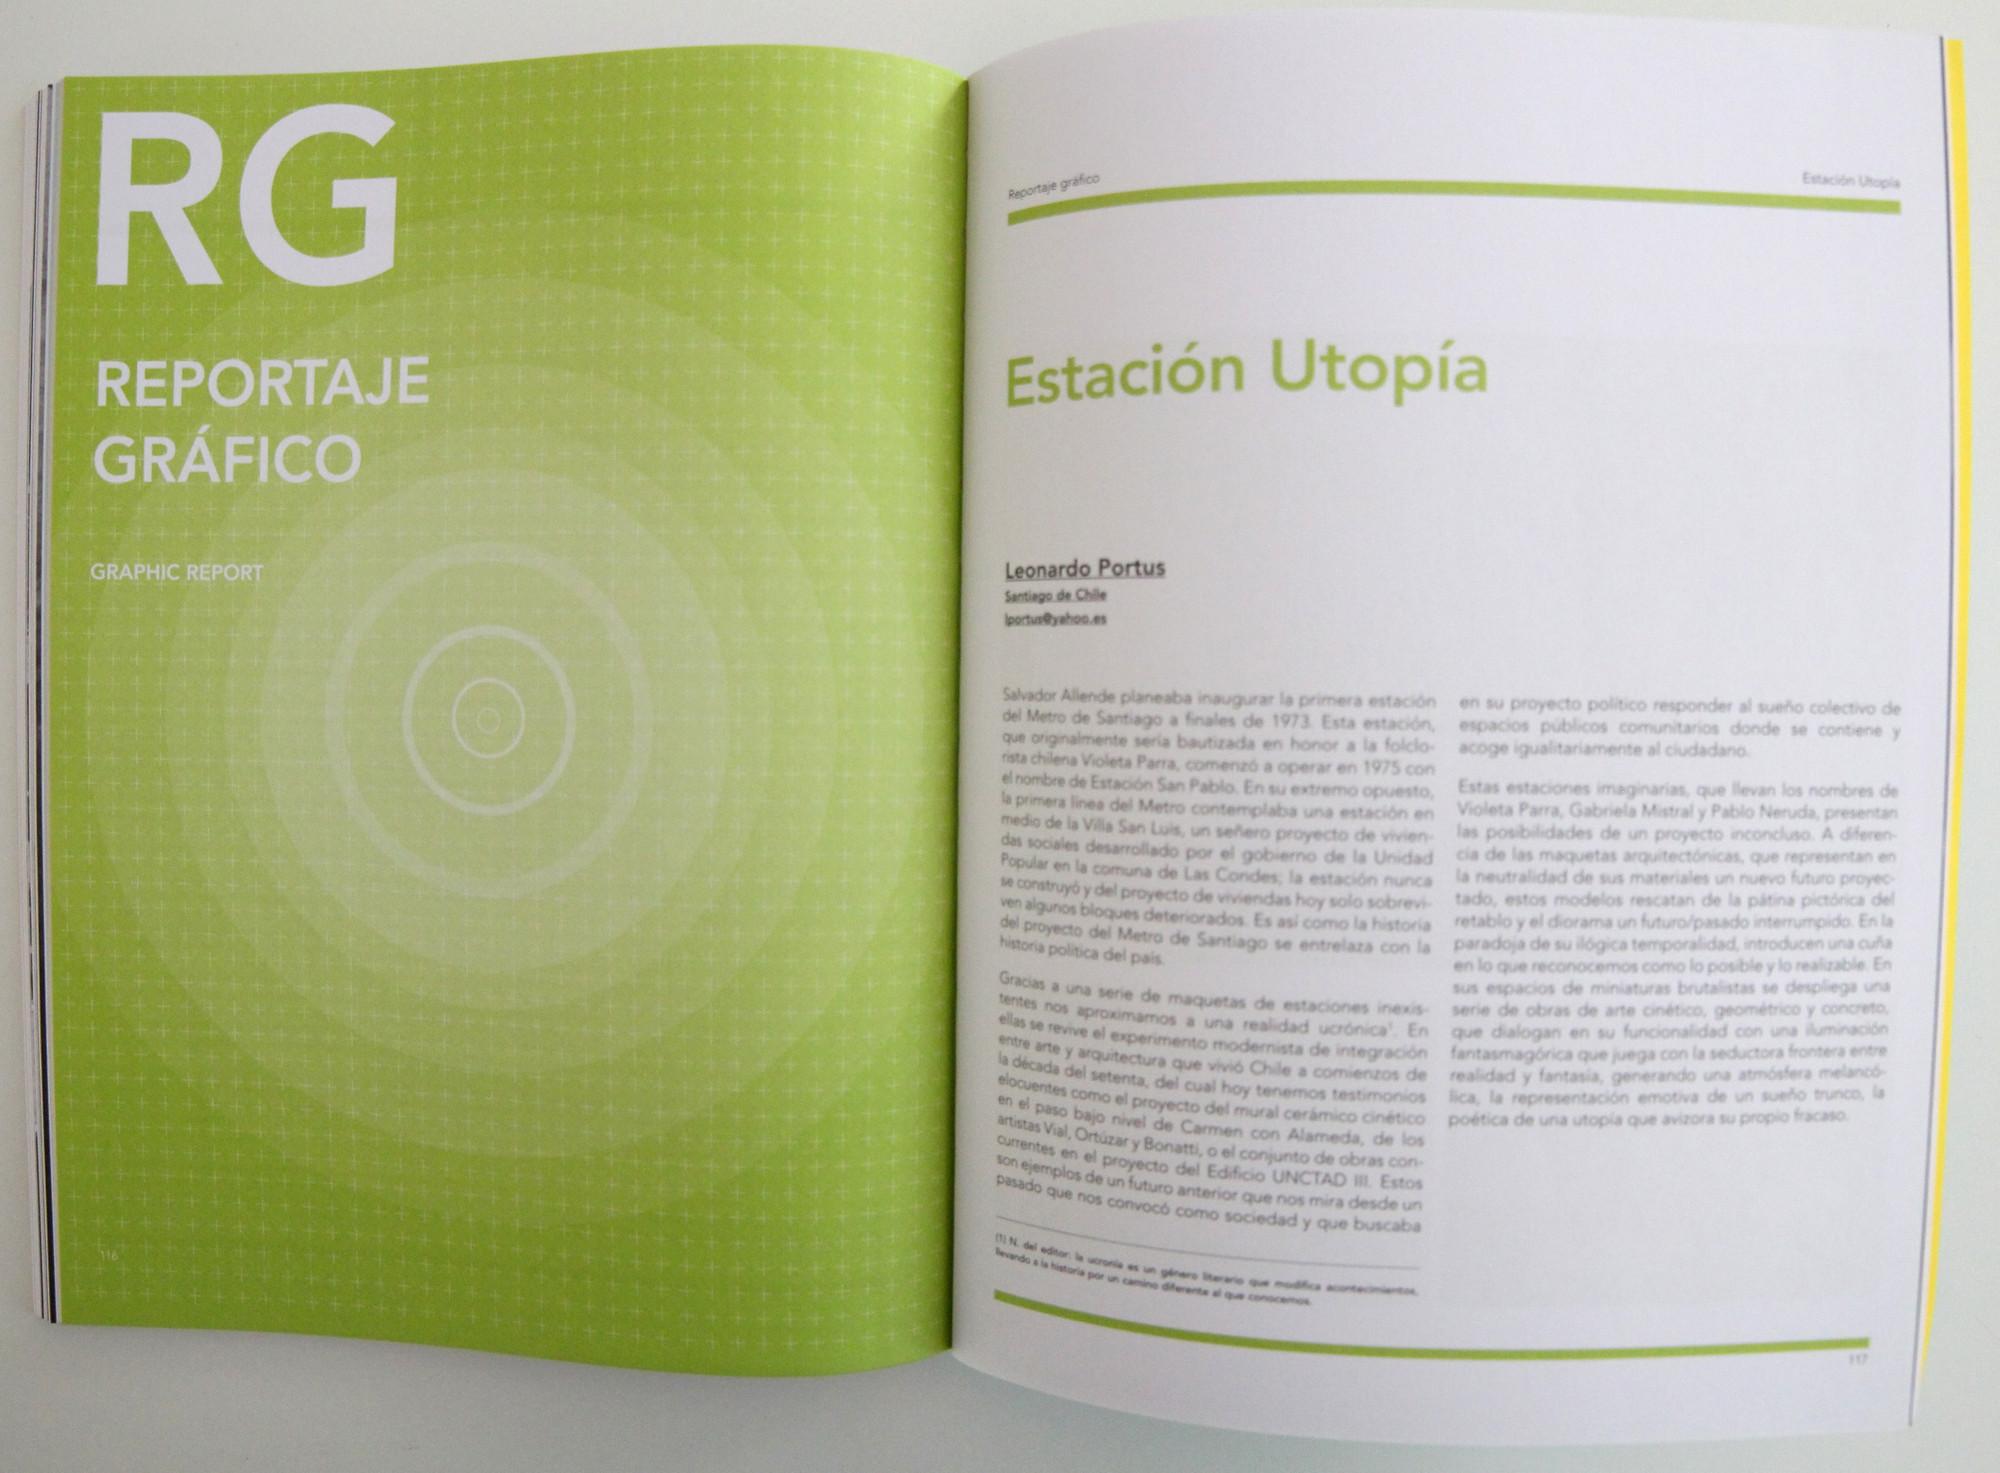 Excepcional Uñas Revista Galería De Arte Imágenes - Ideas Para ...